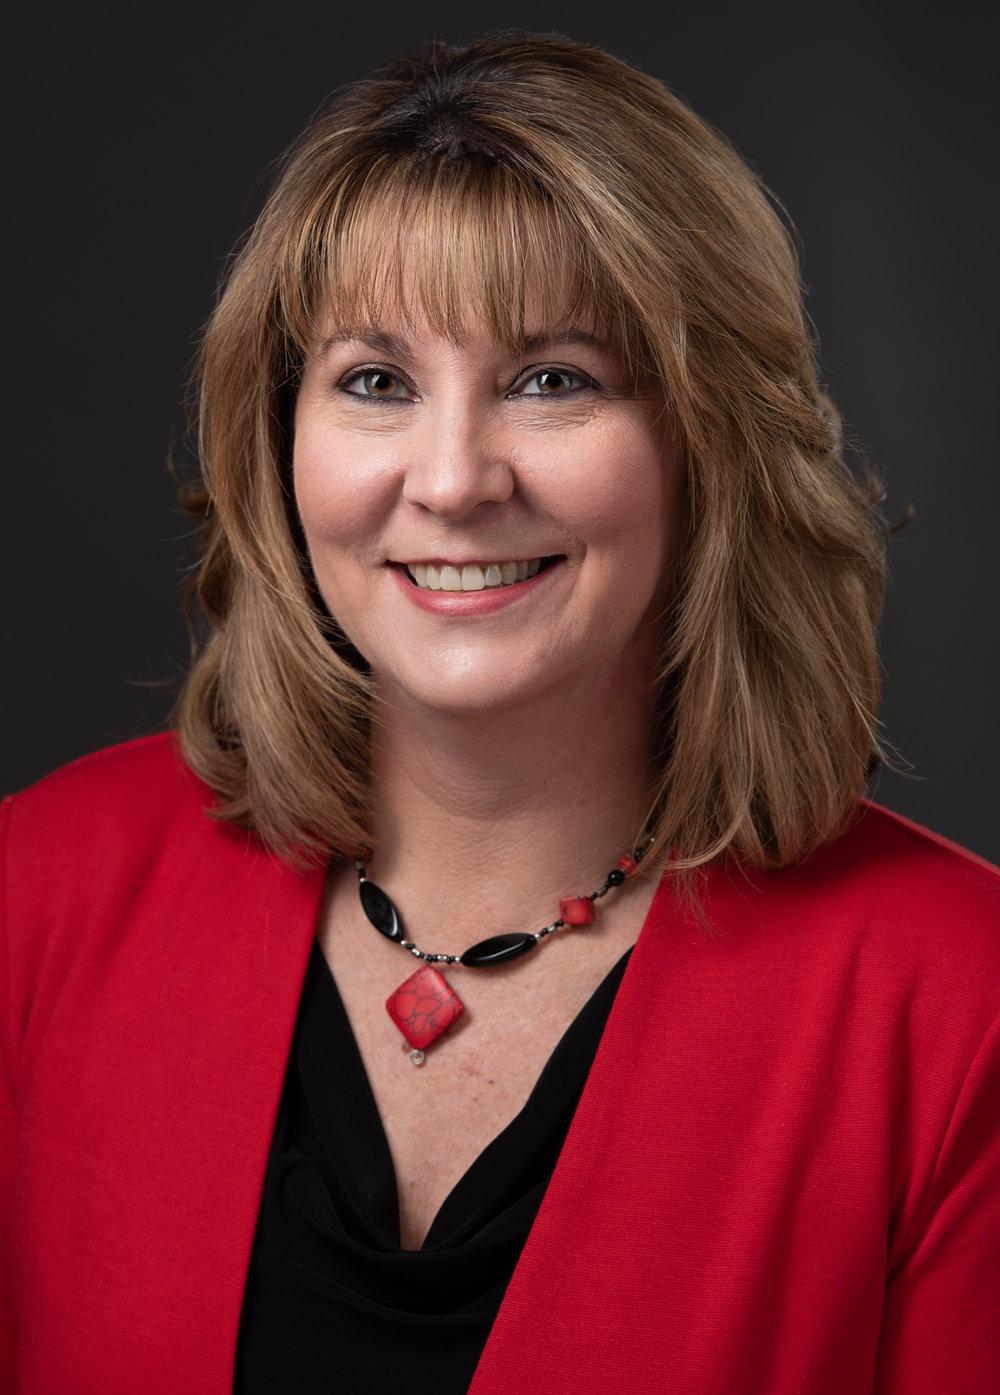 Elaine's HeadShot.jpg